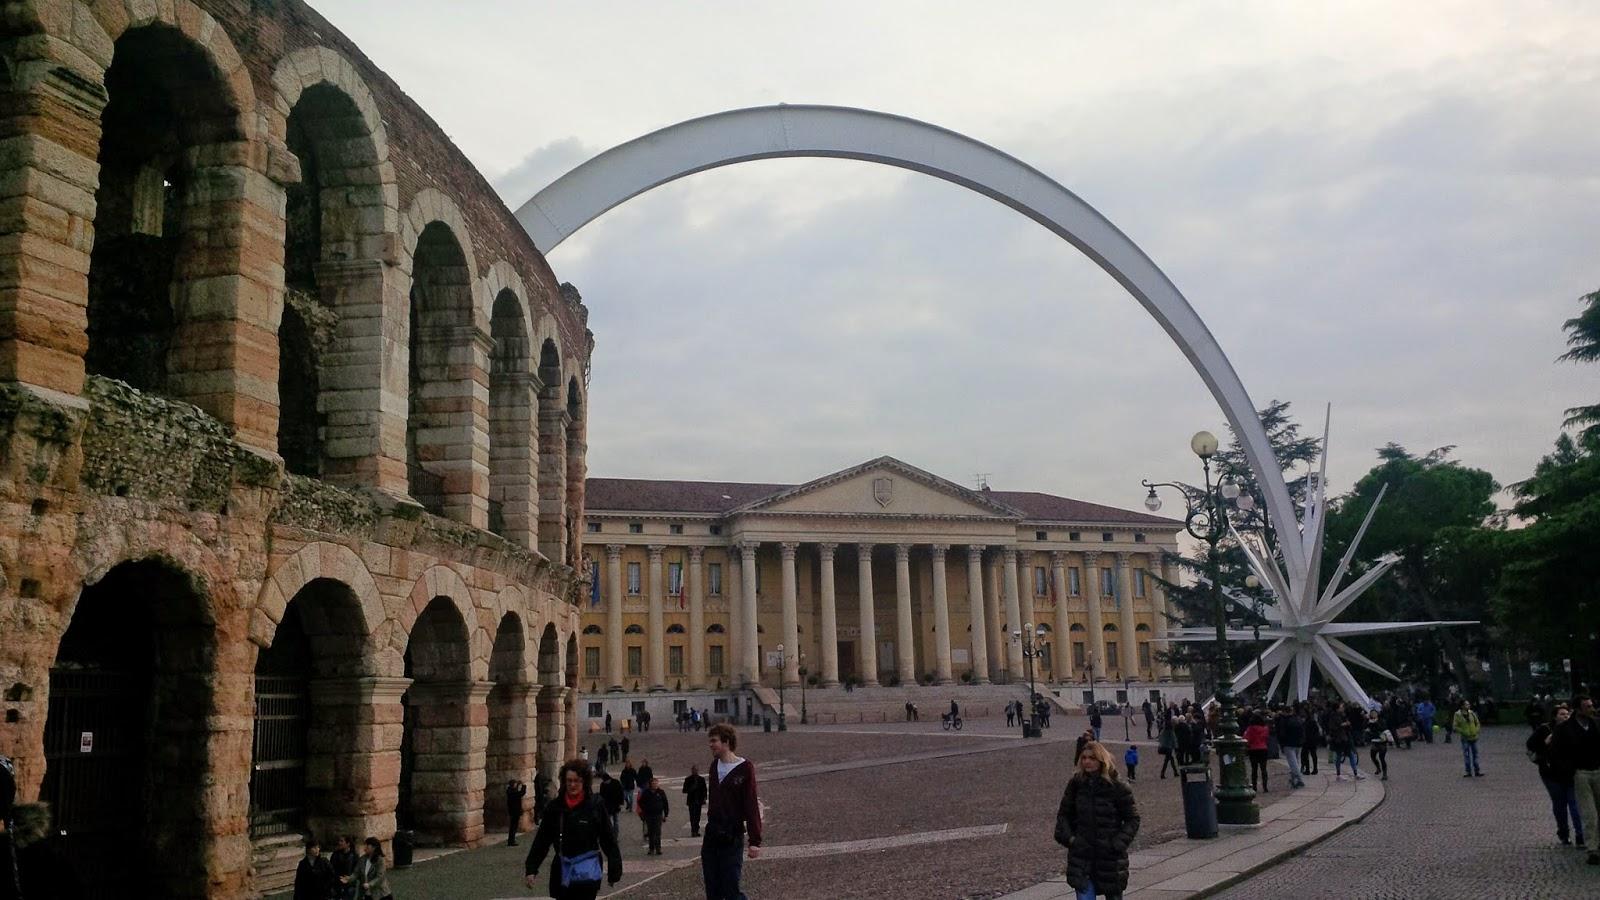 Arena di Verona with the huge Christmas star